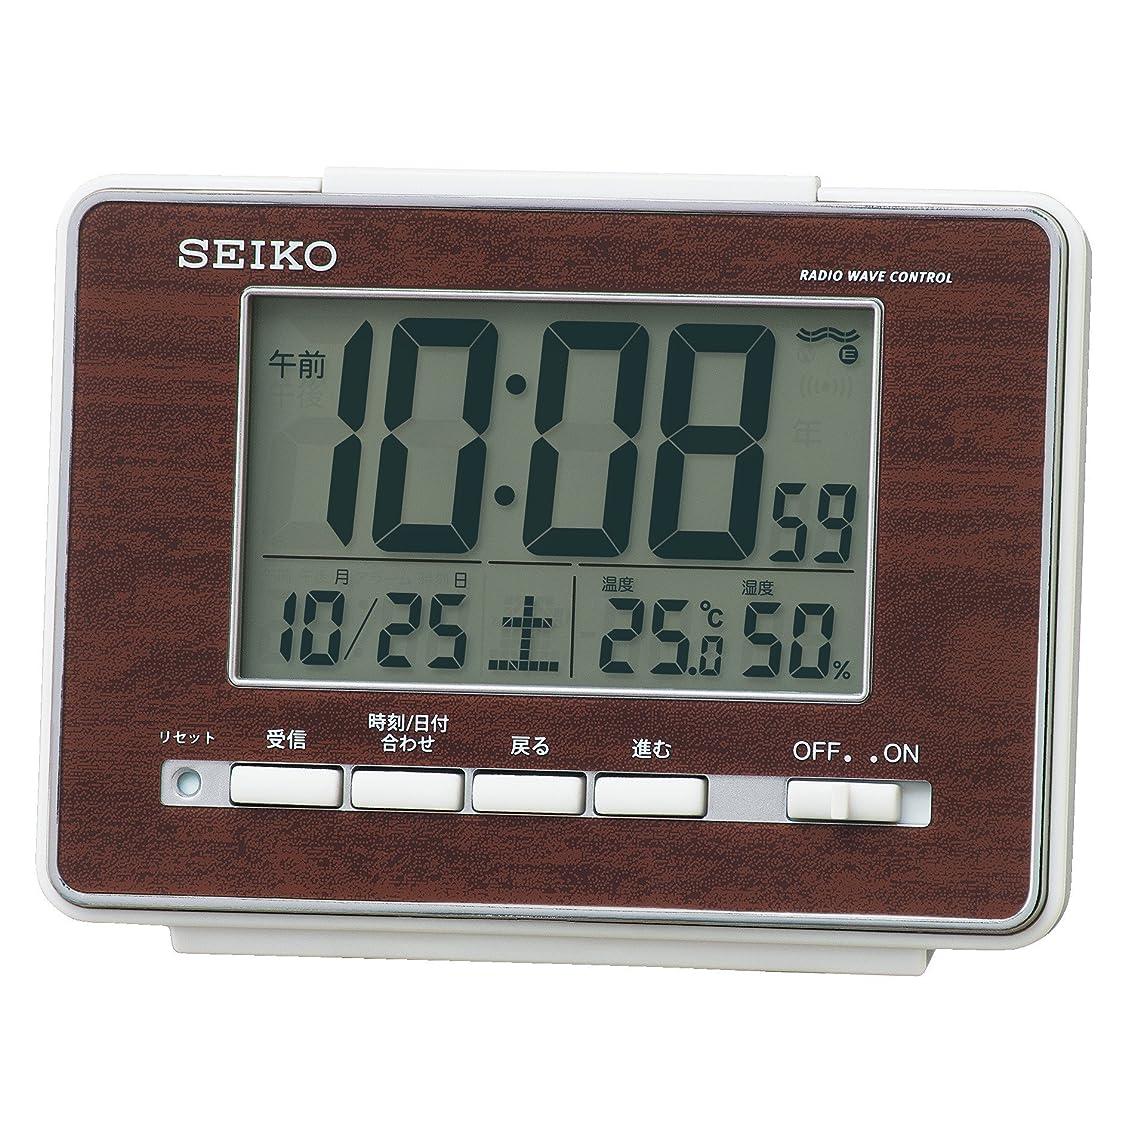 練る感性里親セイコークロック 置き時計 05:茶木目 本体サイズ: 9.3 x 12.3 x 4.8cm 電波 デジタル 温度 湿度 表示 SQ785B